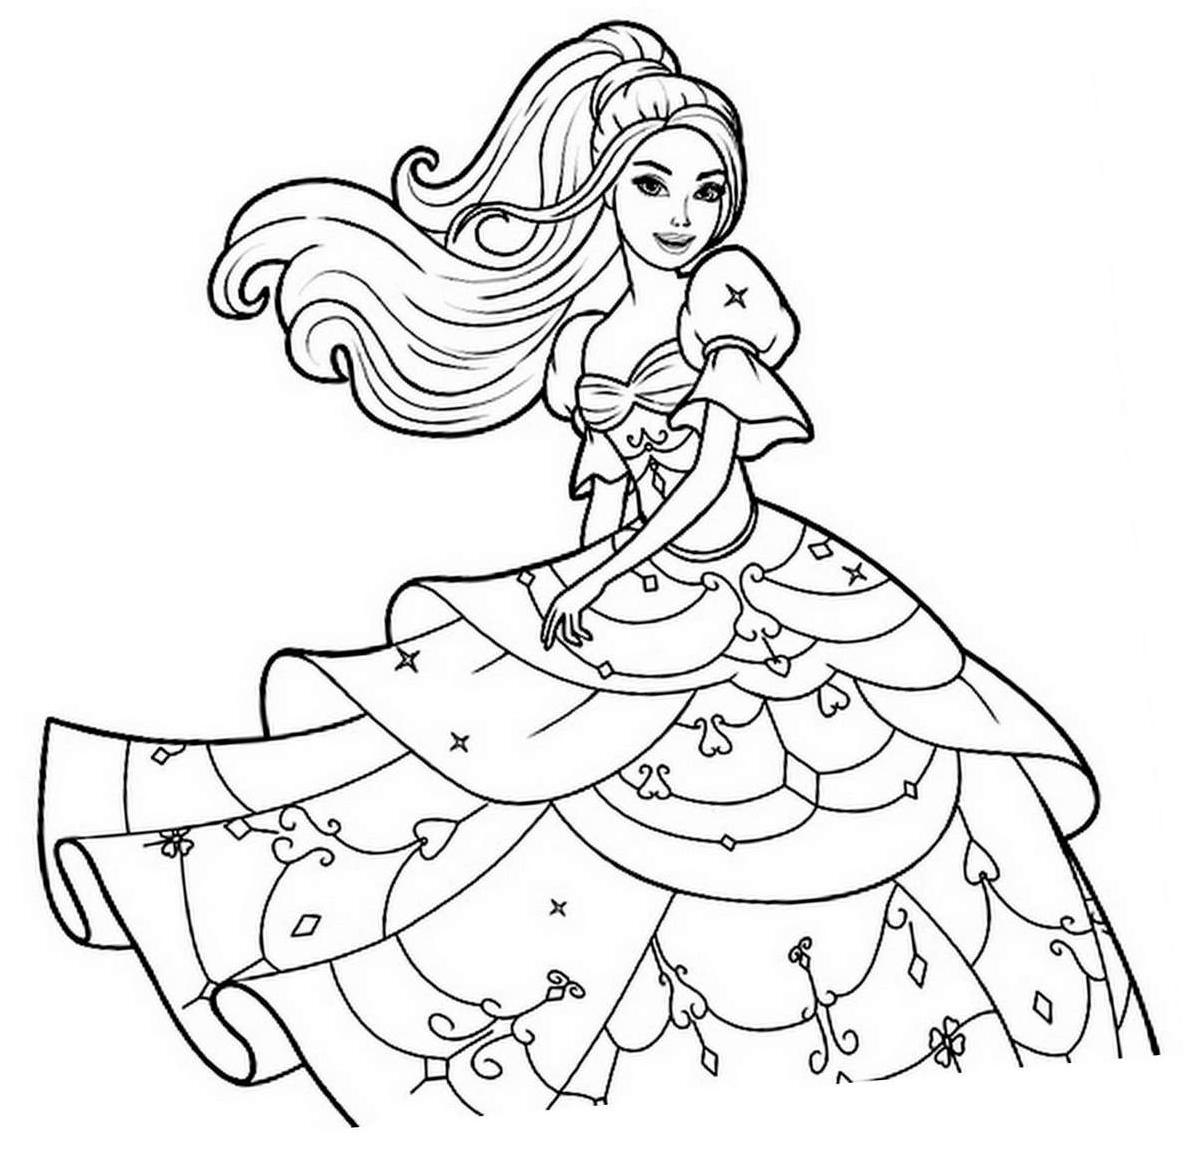 Barbie #62 (Dessins Animés) – Coloriages À Imprimer destiné Imprimer Barbie